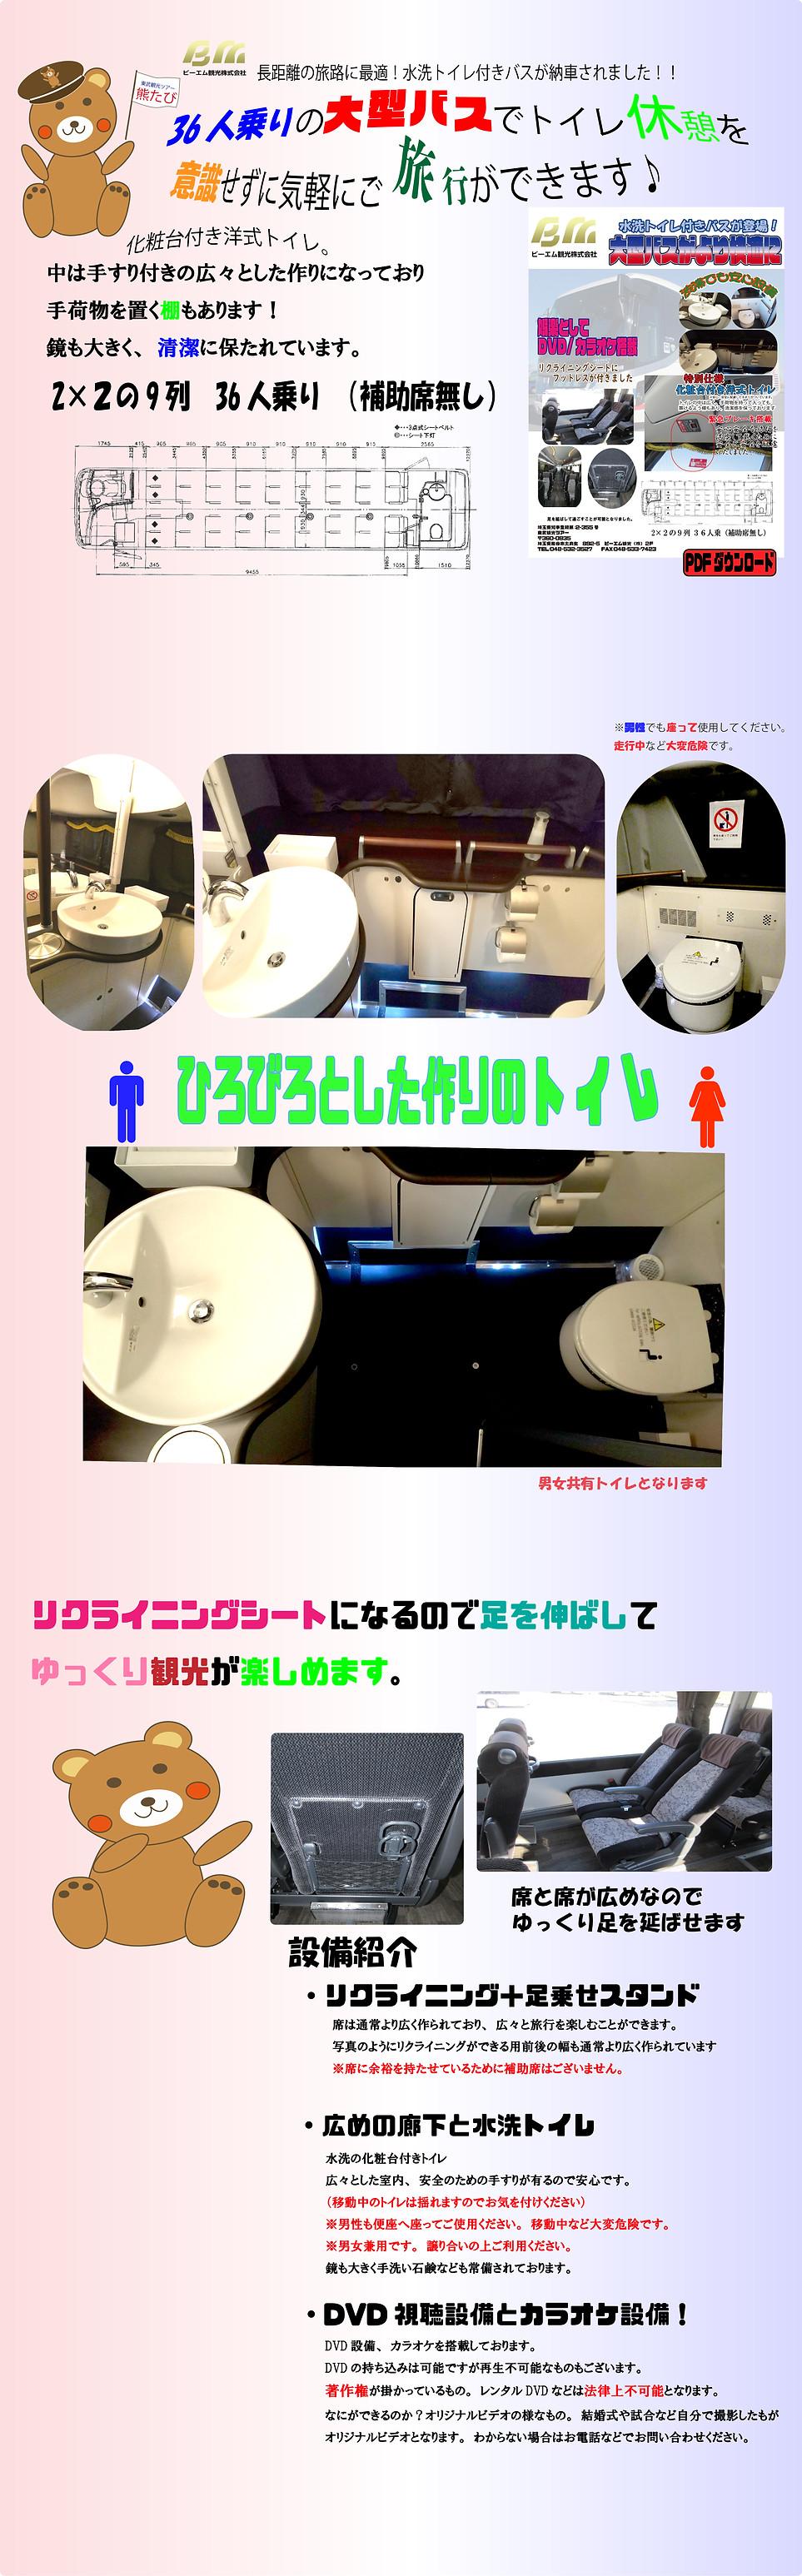 トイレ付きバスHP2020.11.10 (1).jpg